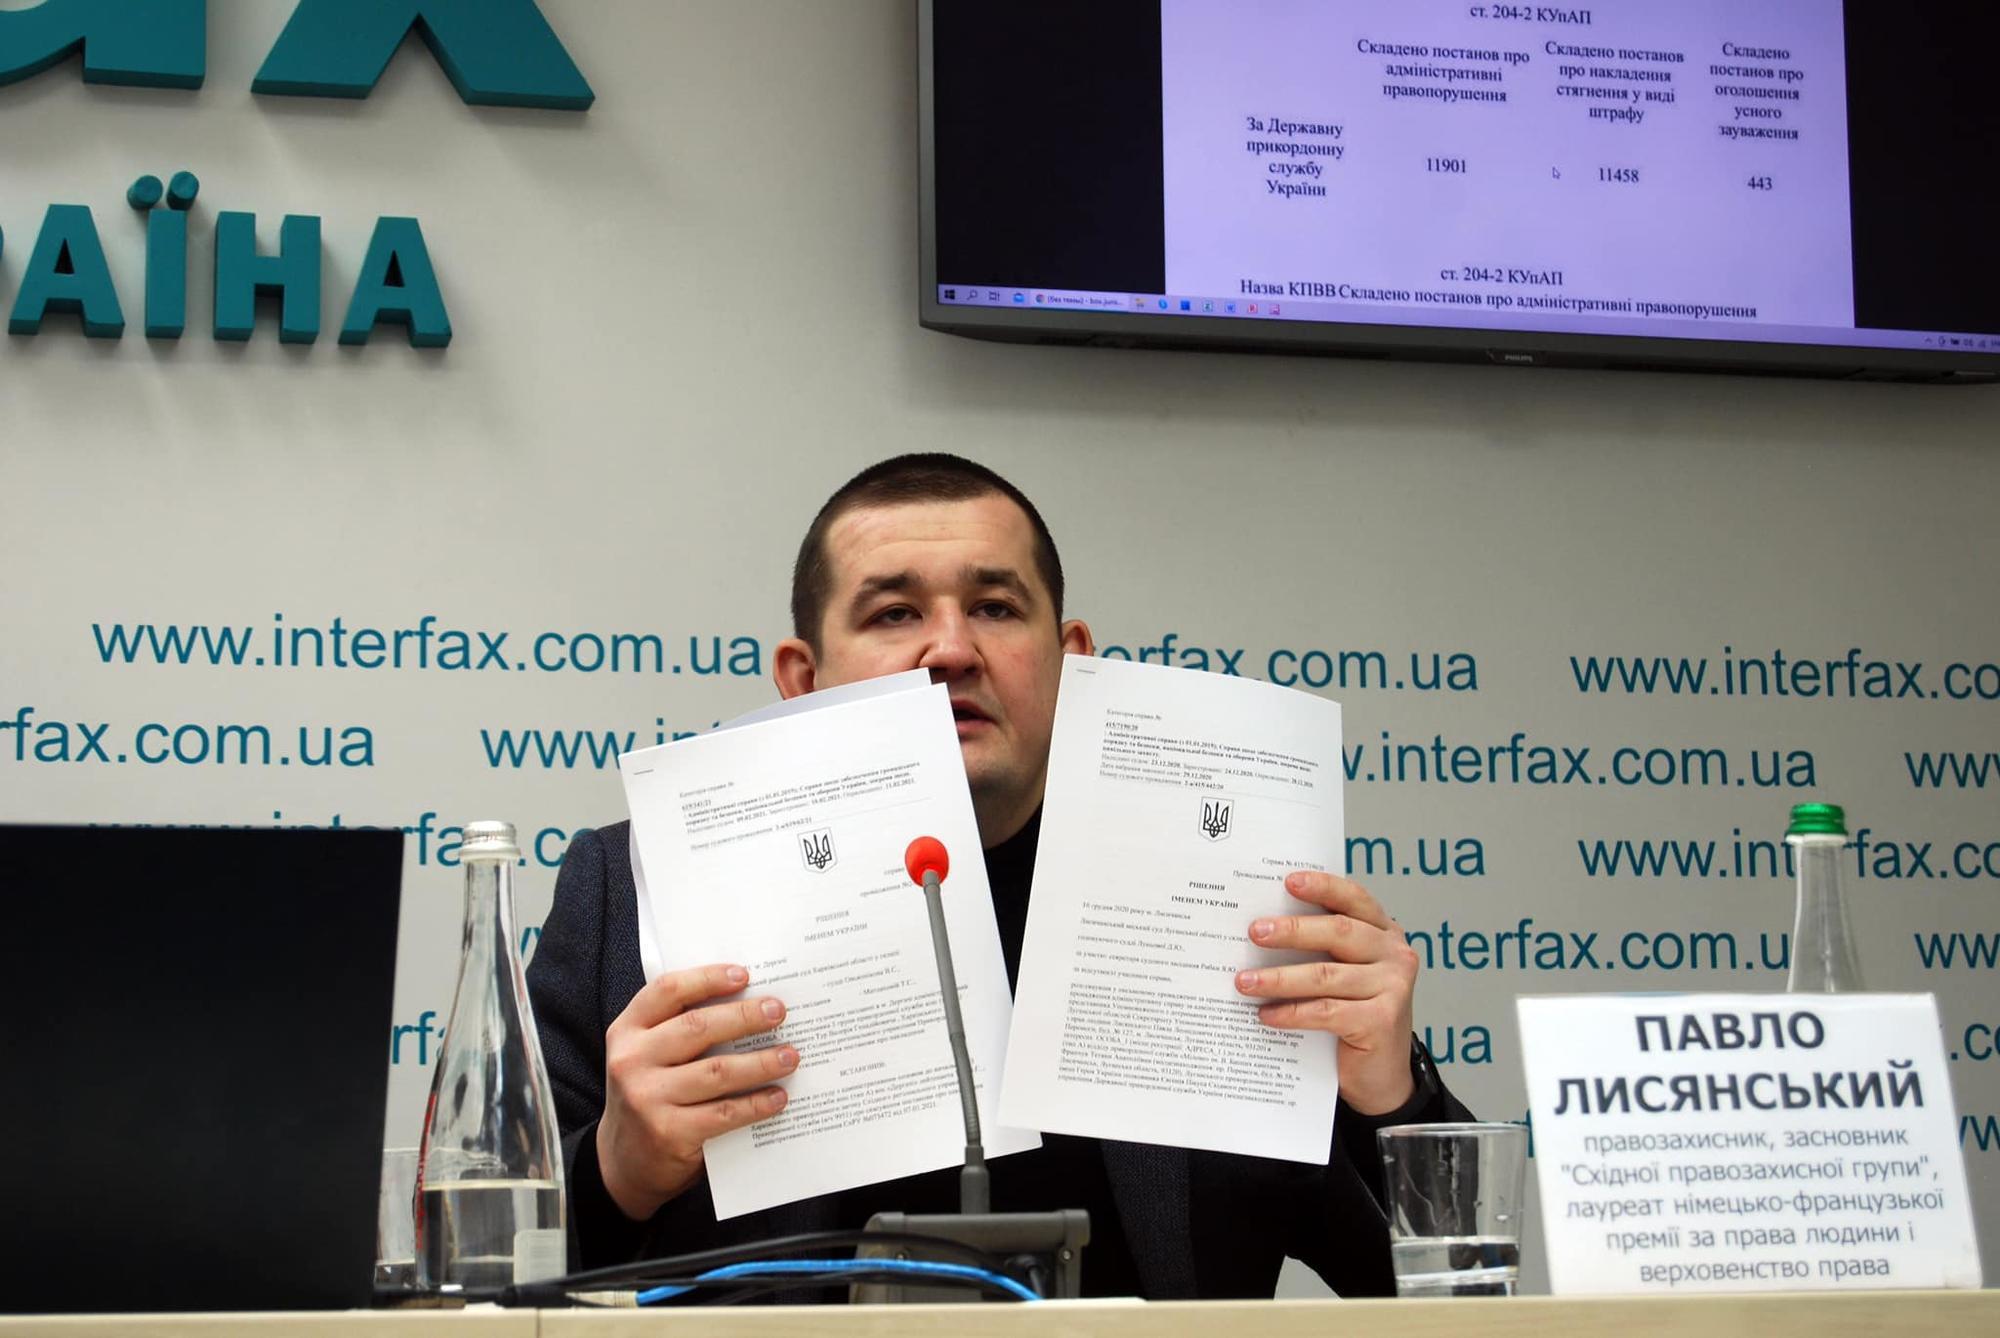 правозахисник Павло Лисянський на прес-конференції